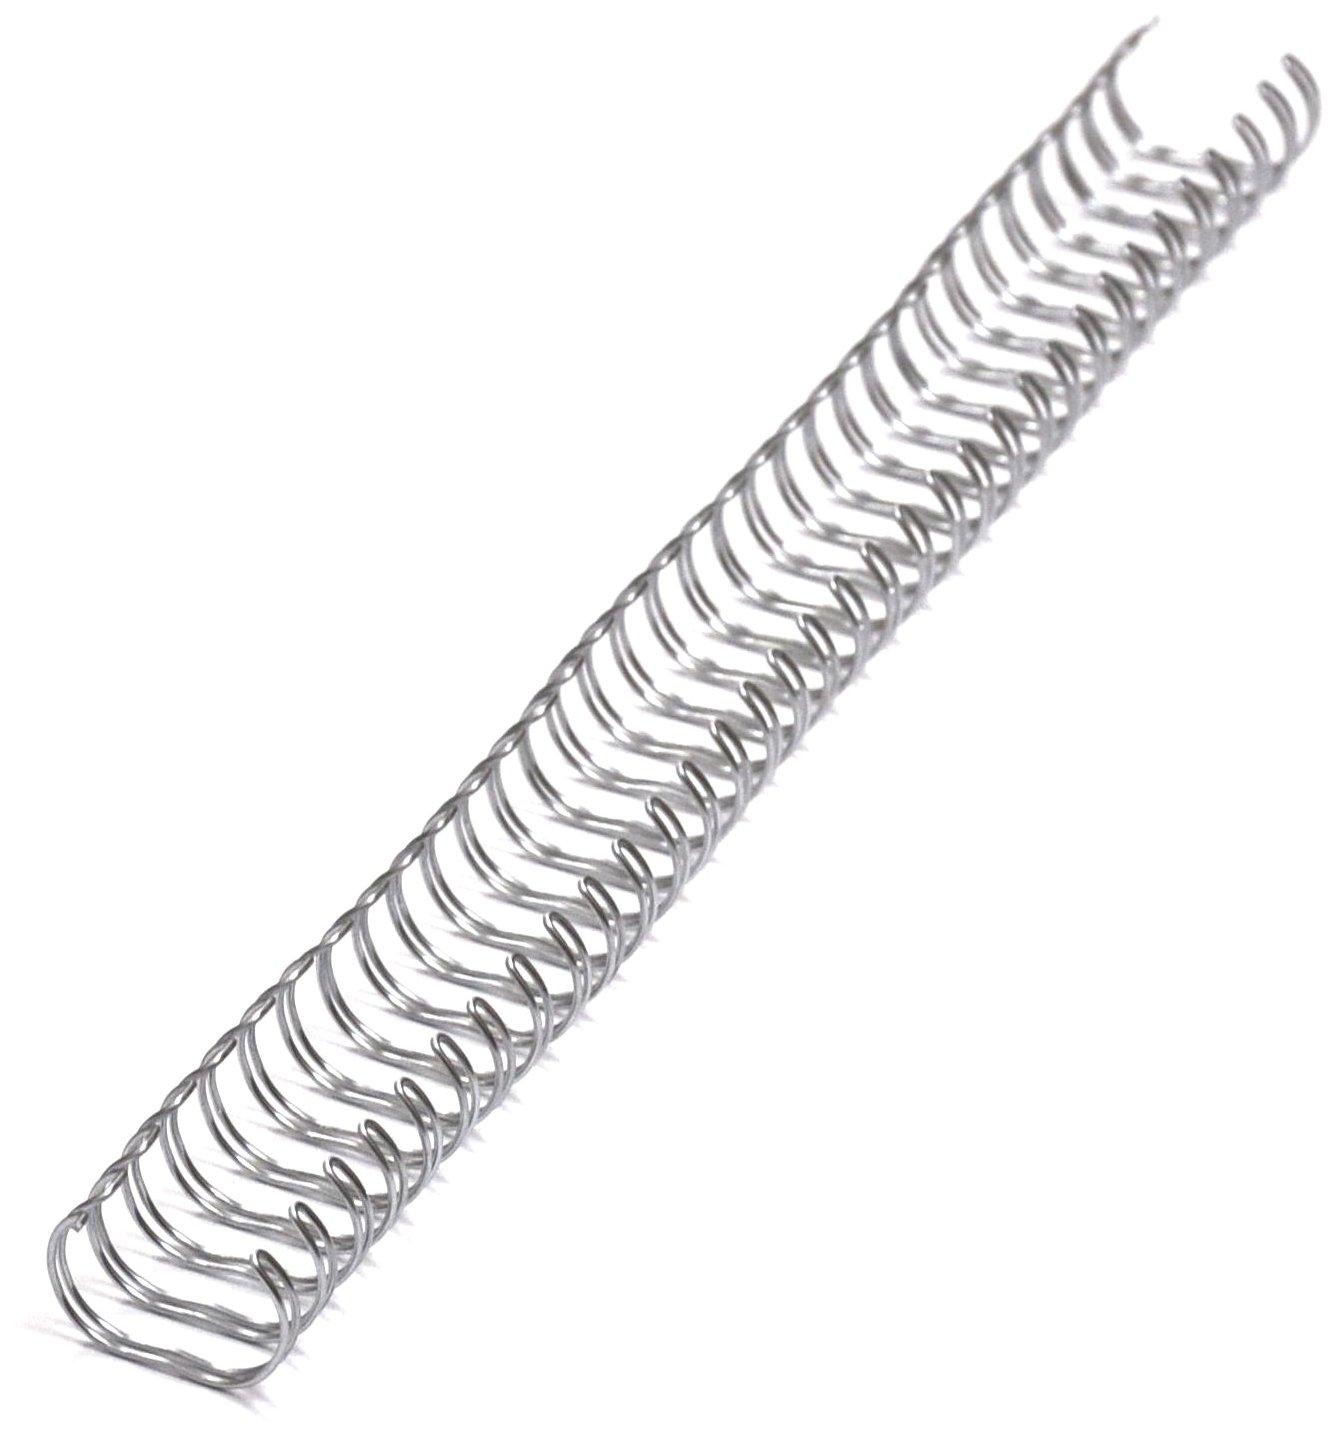 RECO Systems - Confezione da 100 dorsi metallici per rilegatura, ø 12,7 mm, colore: Argento RECOsystems RS3112790